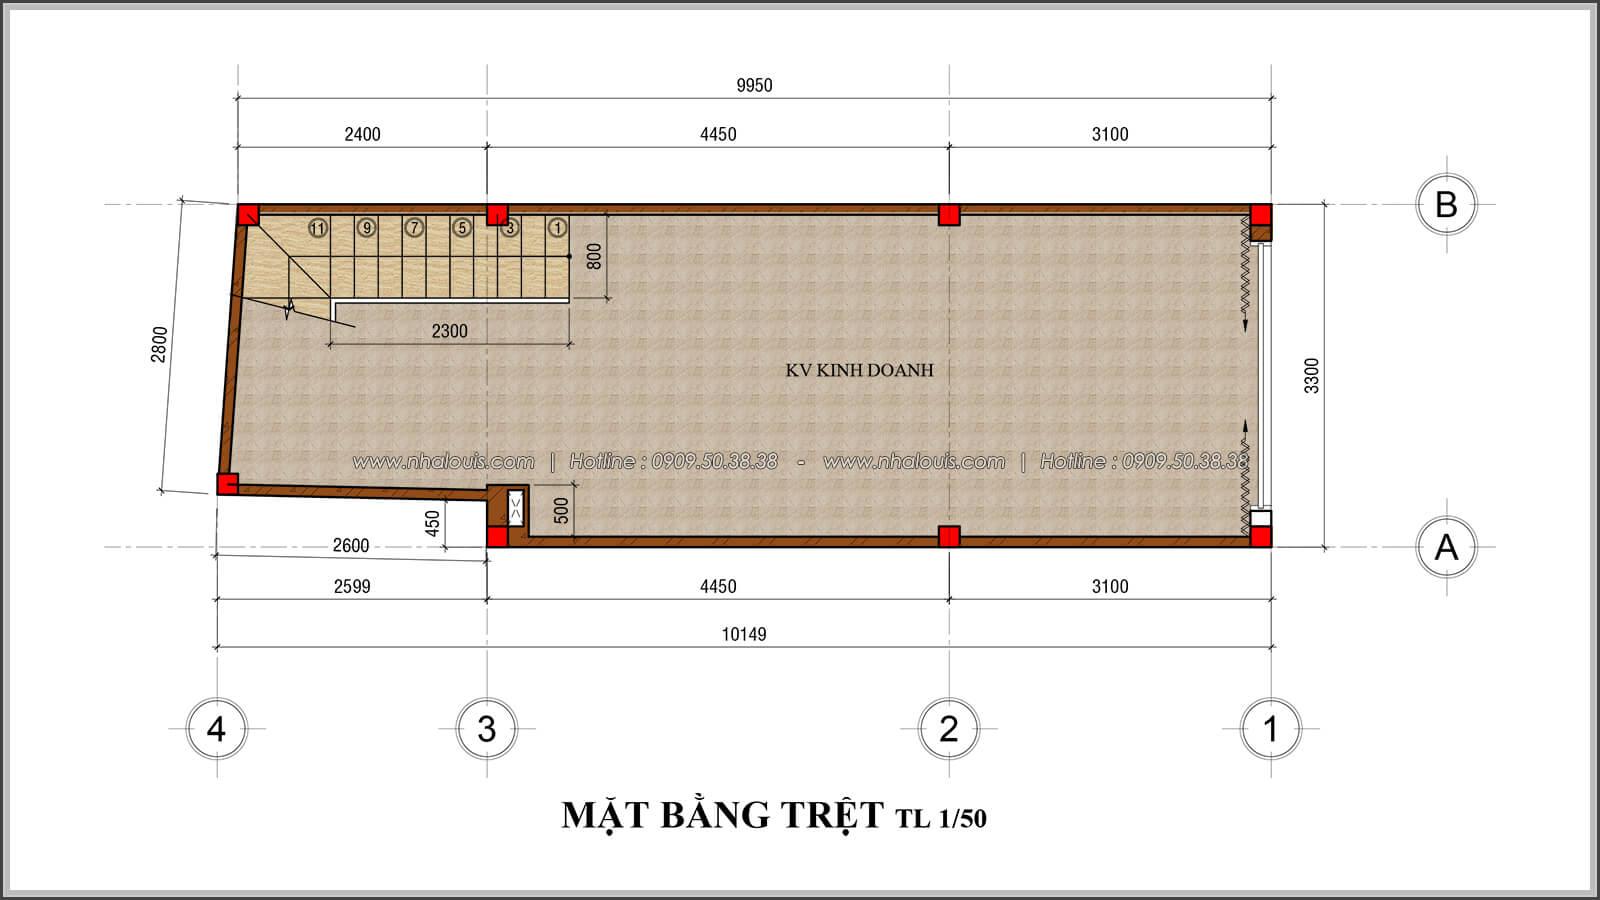 Mặt bằng trệt thiết kế nhà 4x10 kết hợp kinh doanh tại chợ Tân Bình - 04